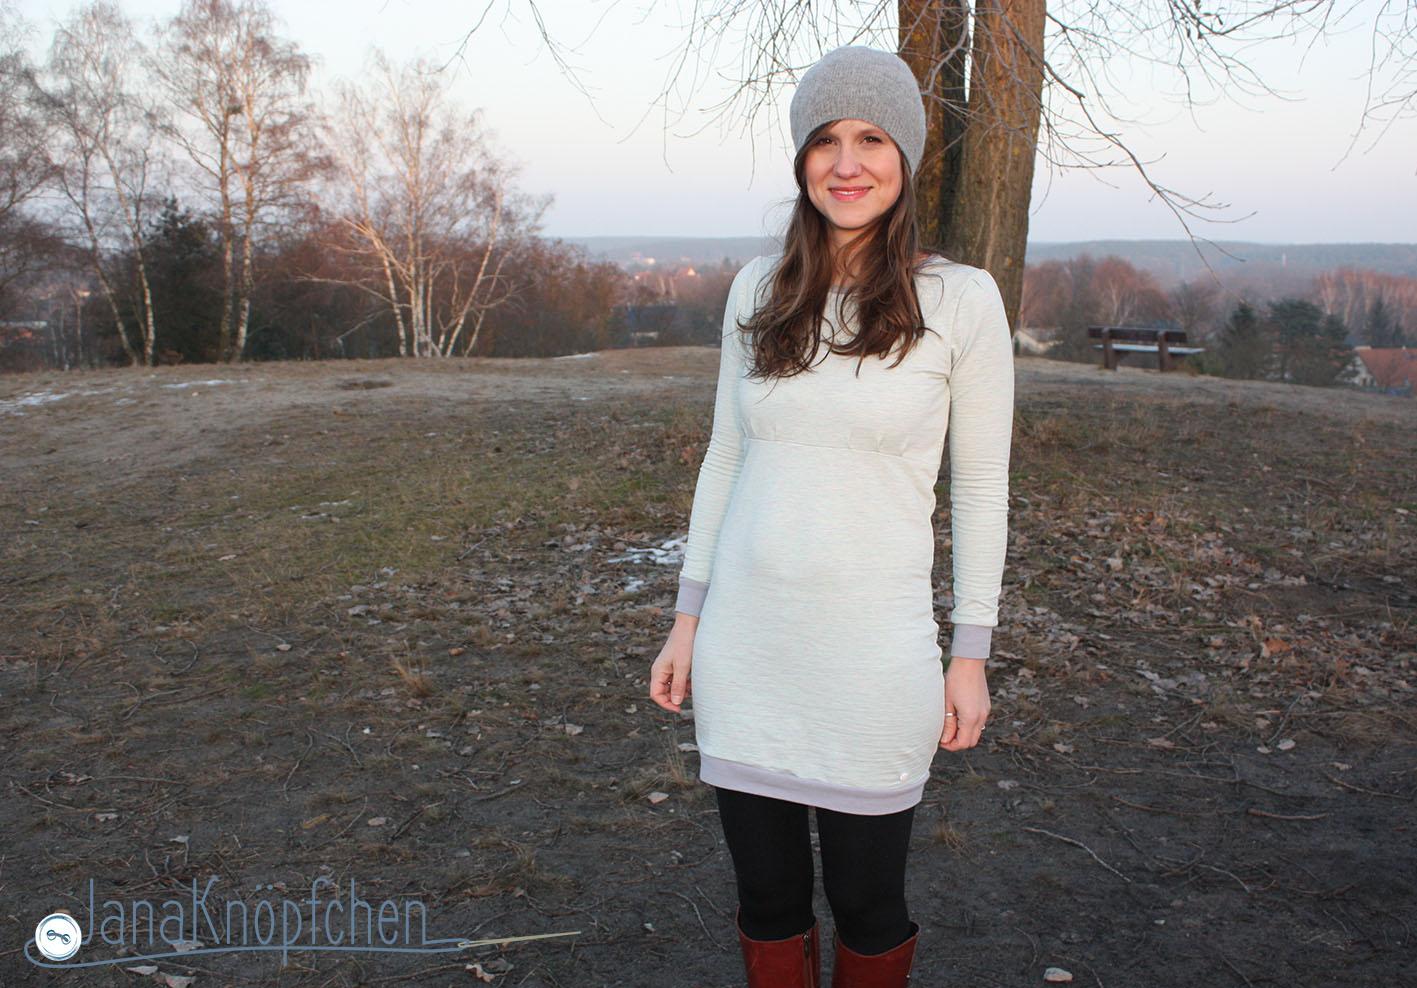 Sweatkleid Wilma von LimeNox nähen. Probenähbeispiel für neuen Schnitt Kleid Wilma. JanaKnöpfchen - Nähblog